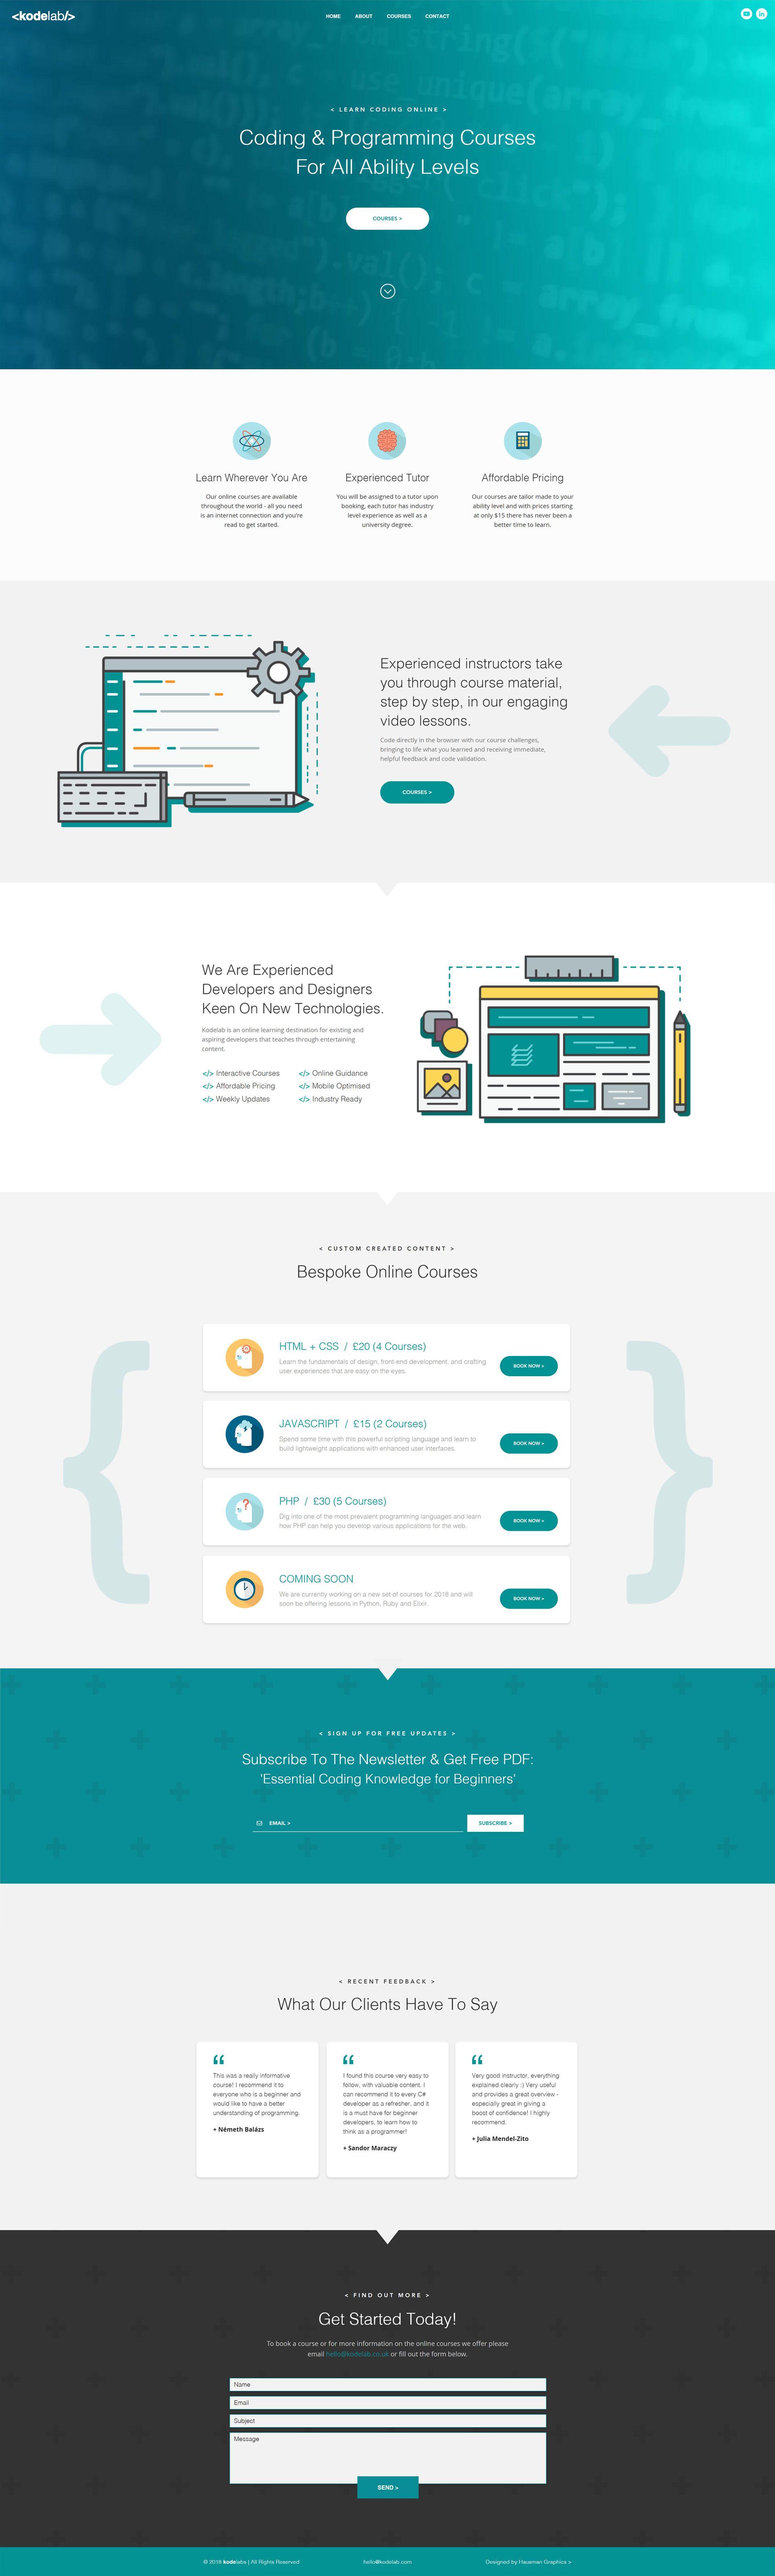 Website Design On The Wix Platform Website Design Wix Website Design Web Design